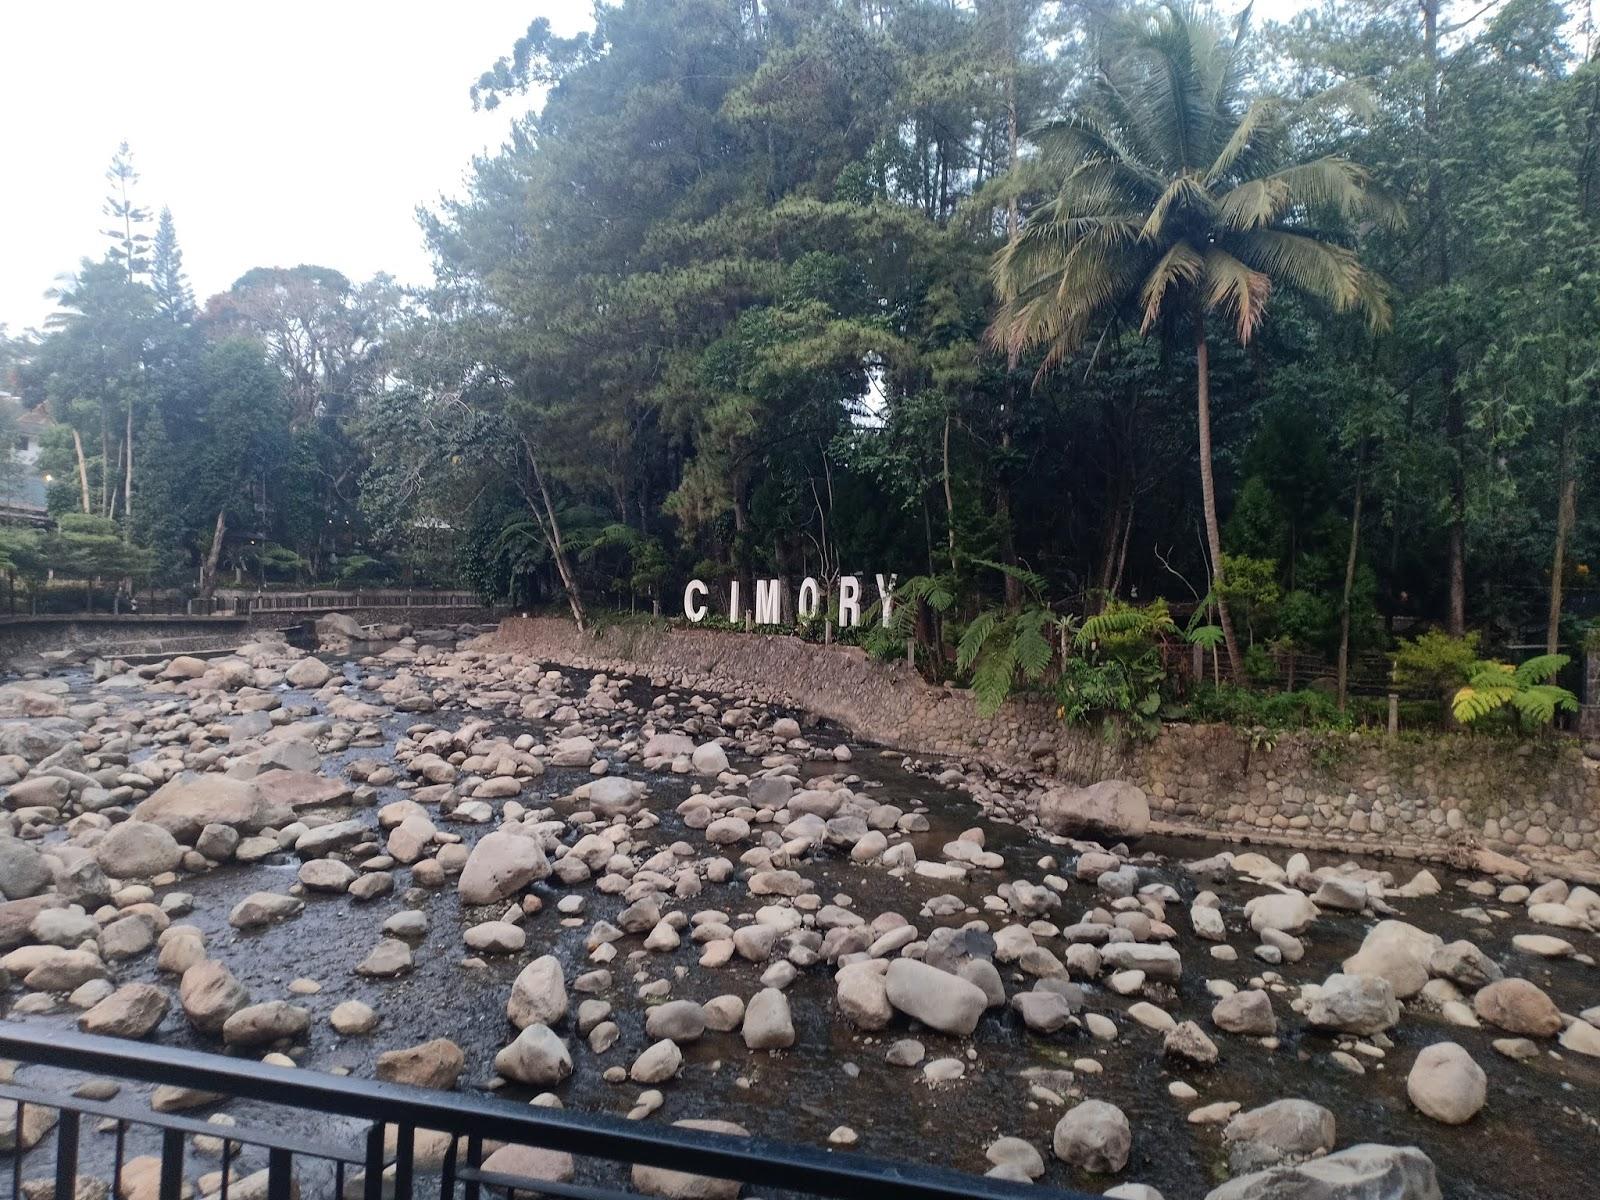 Cimory Riverside Tempat Asik Wisata Keluarga